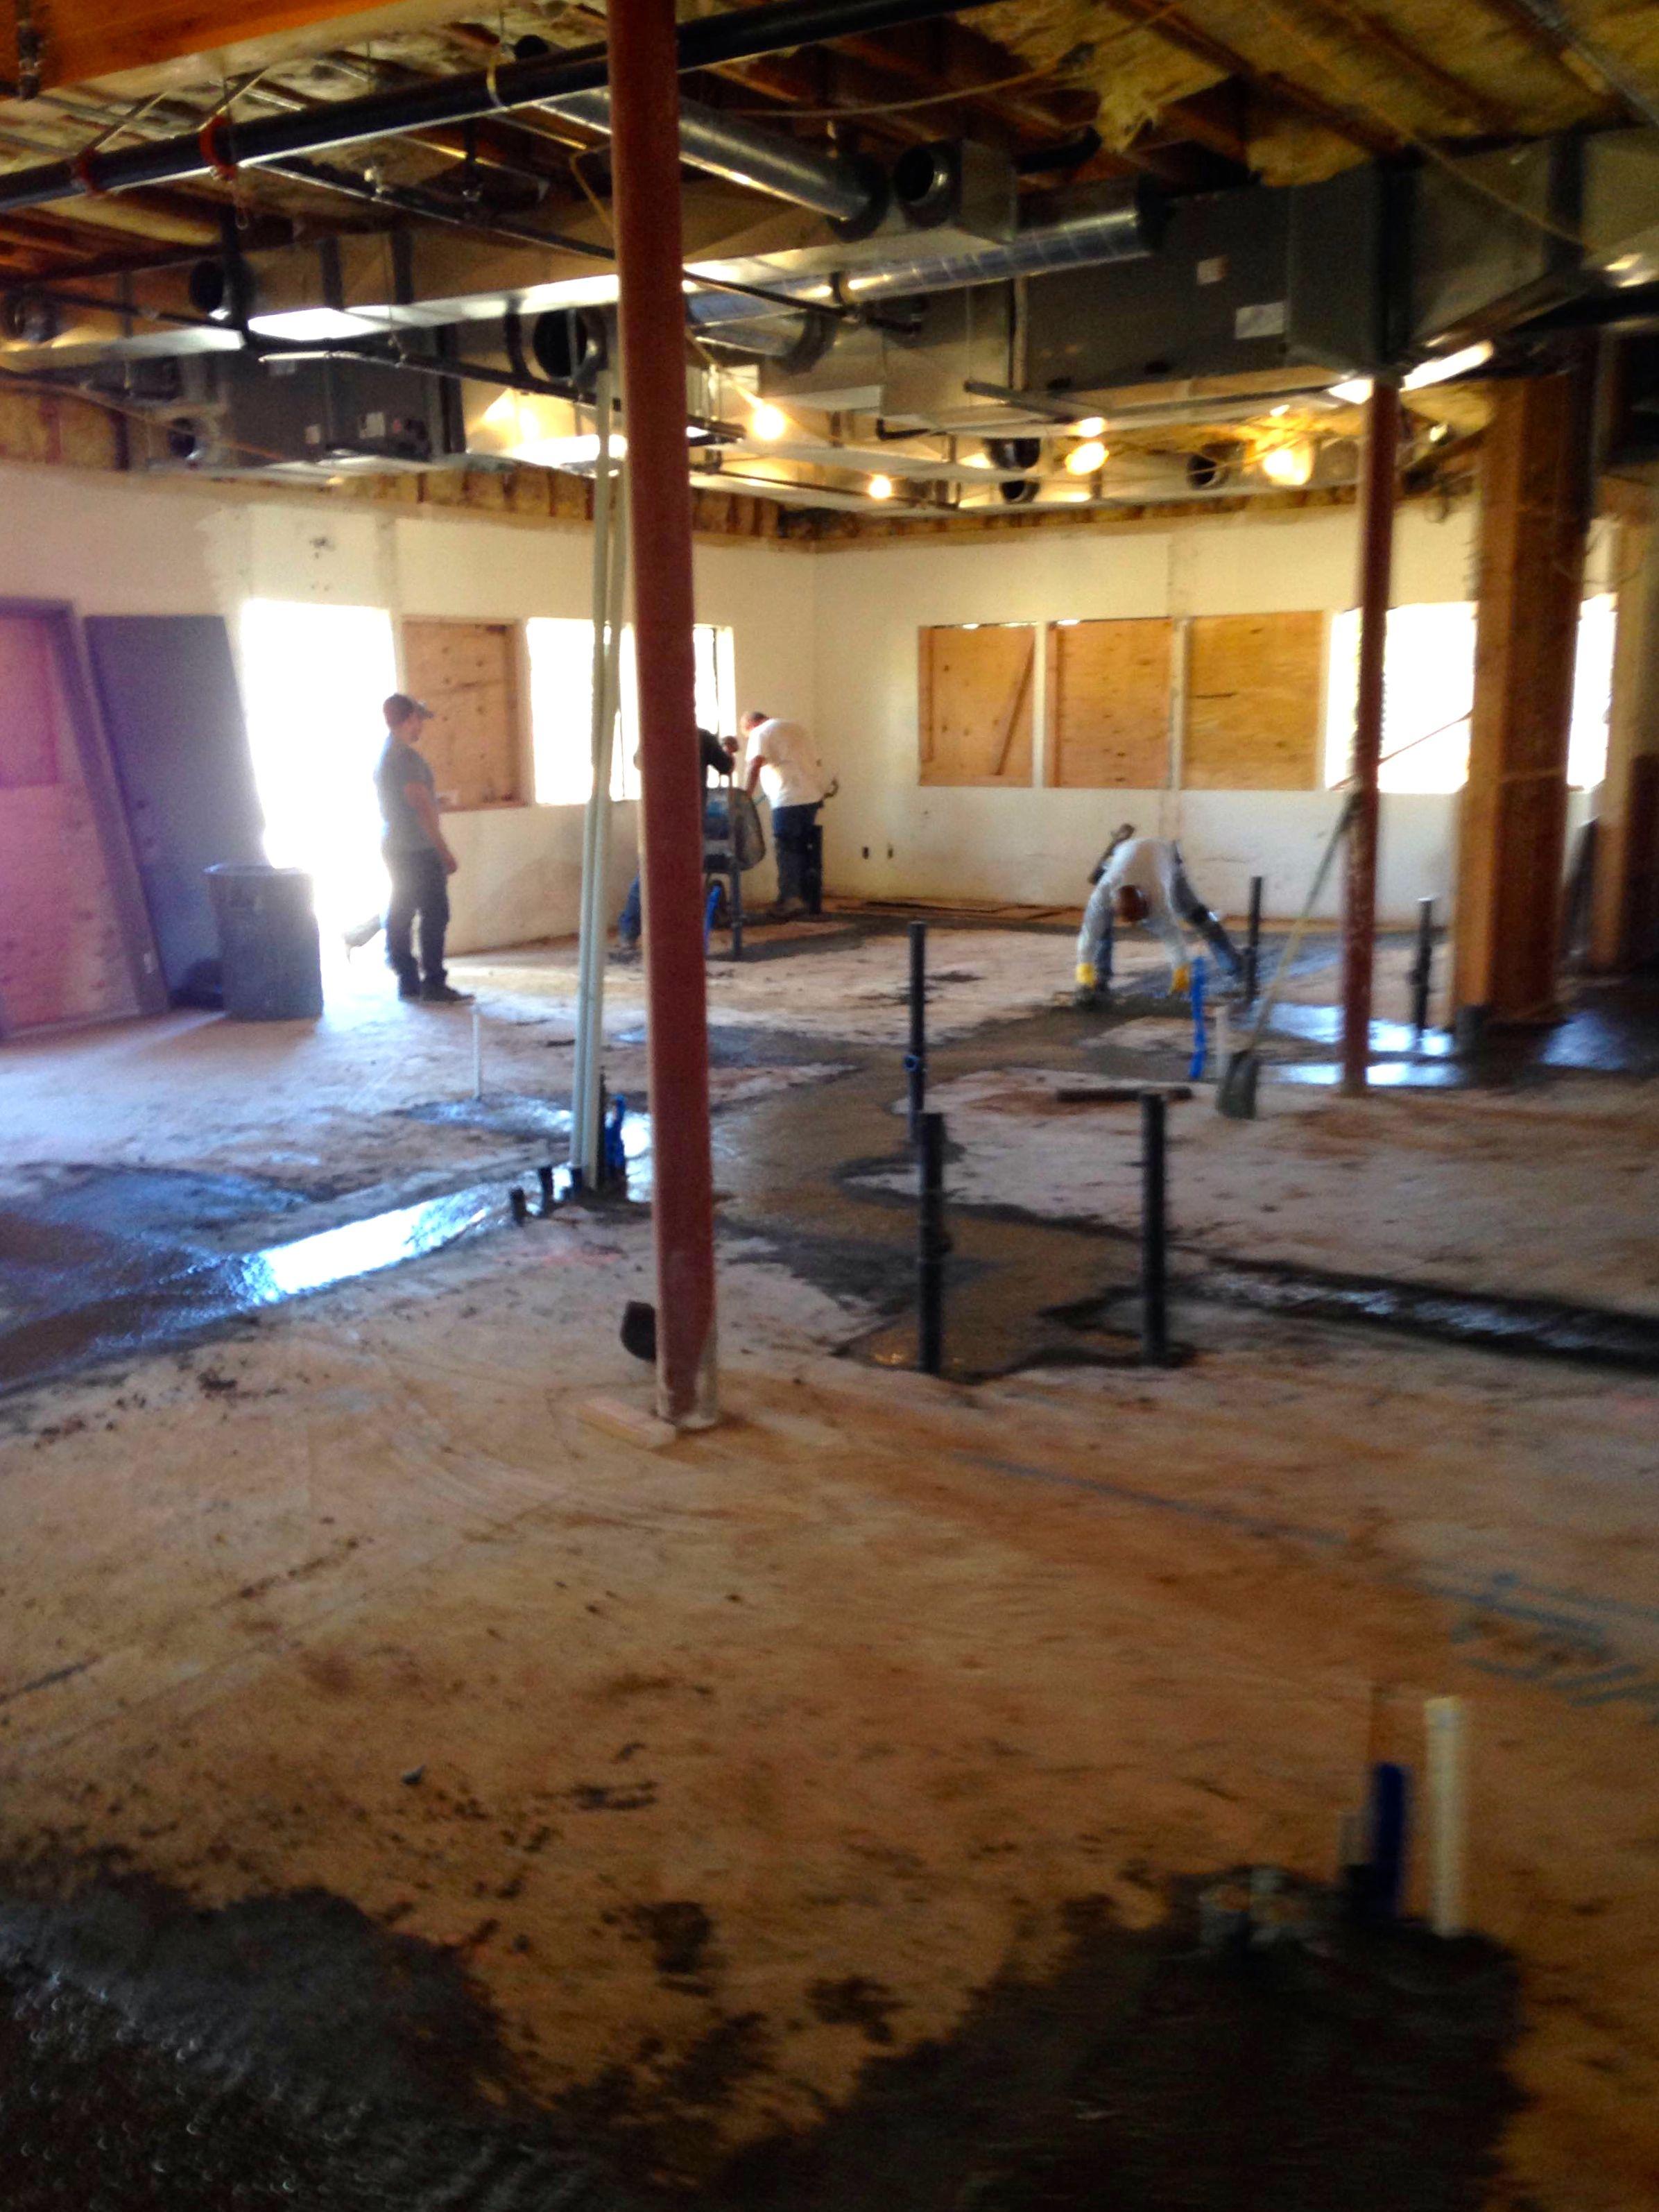 Dr  Allmendinger & Dr  Hull's Glendale, AZ tenant